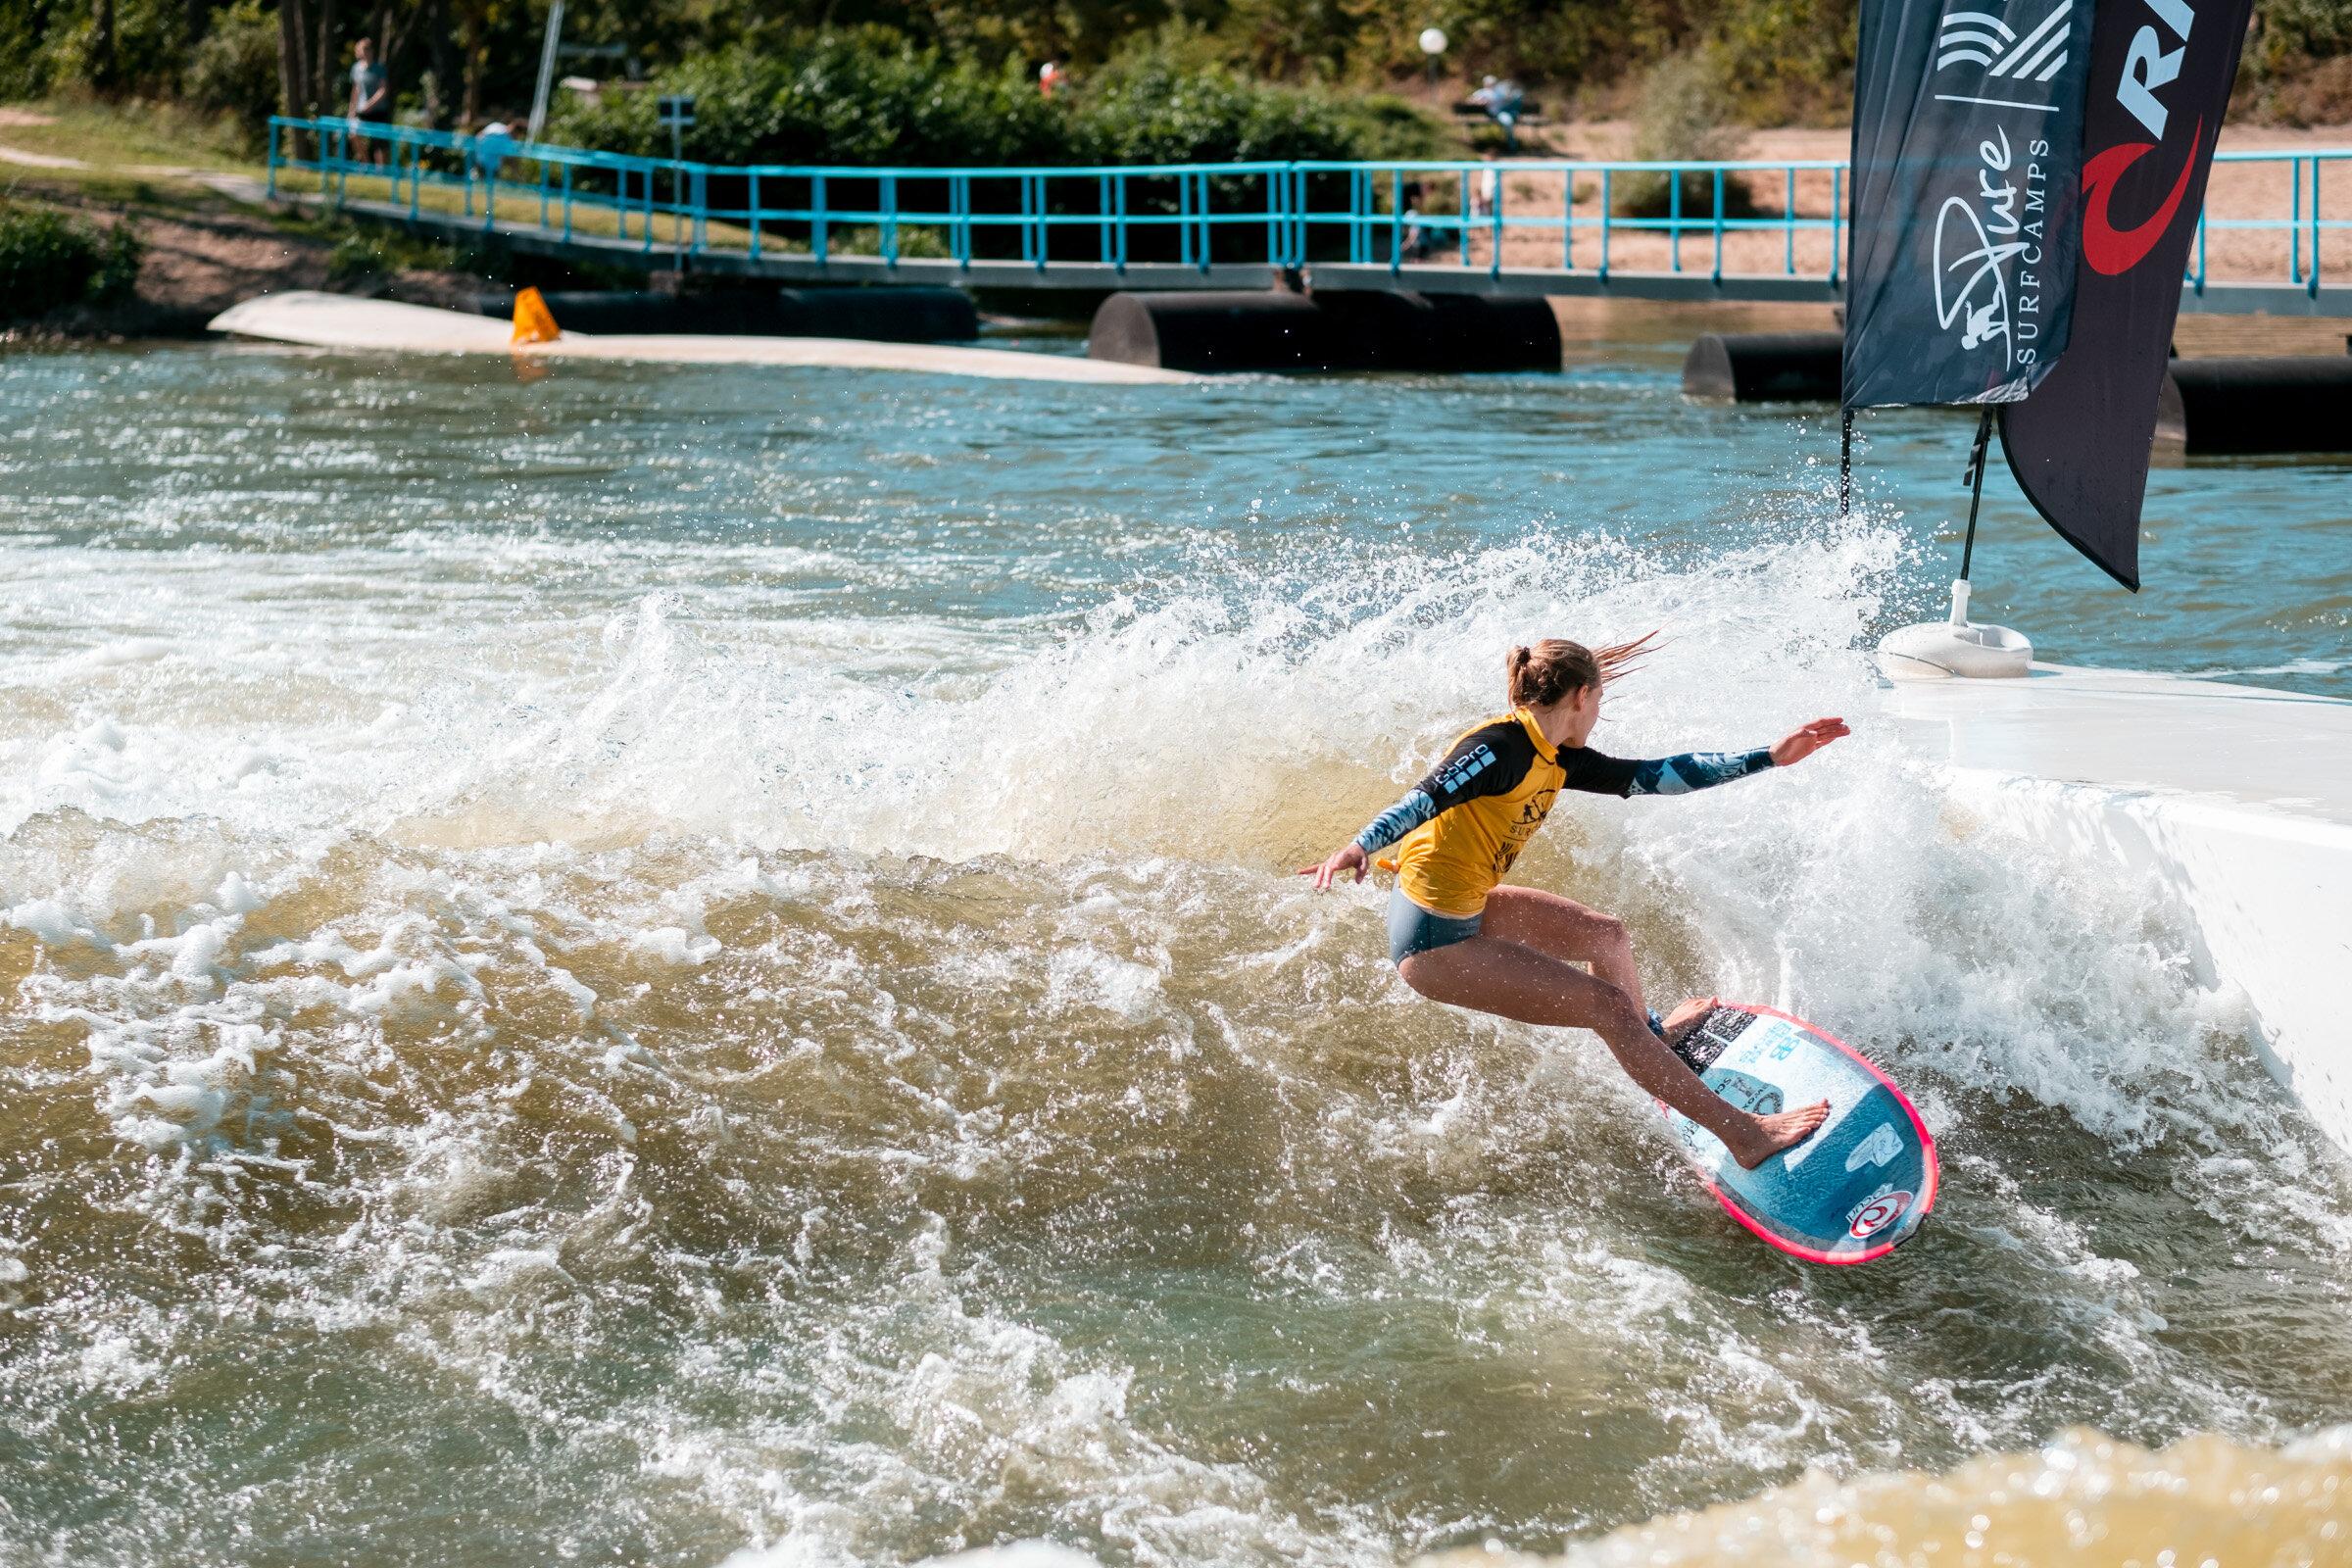 rapid-surf-contest-derKristof-185.jpg